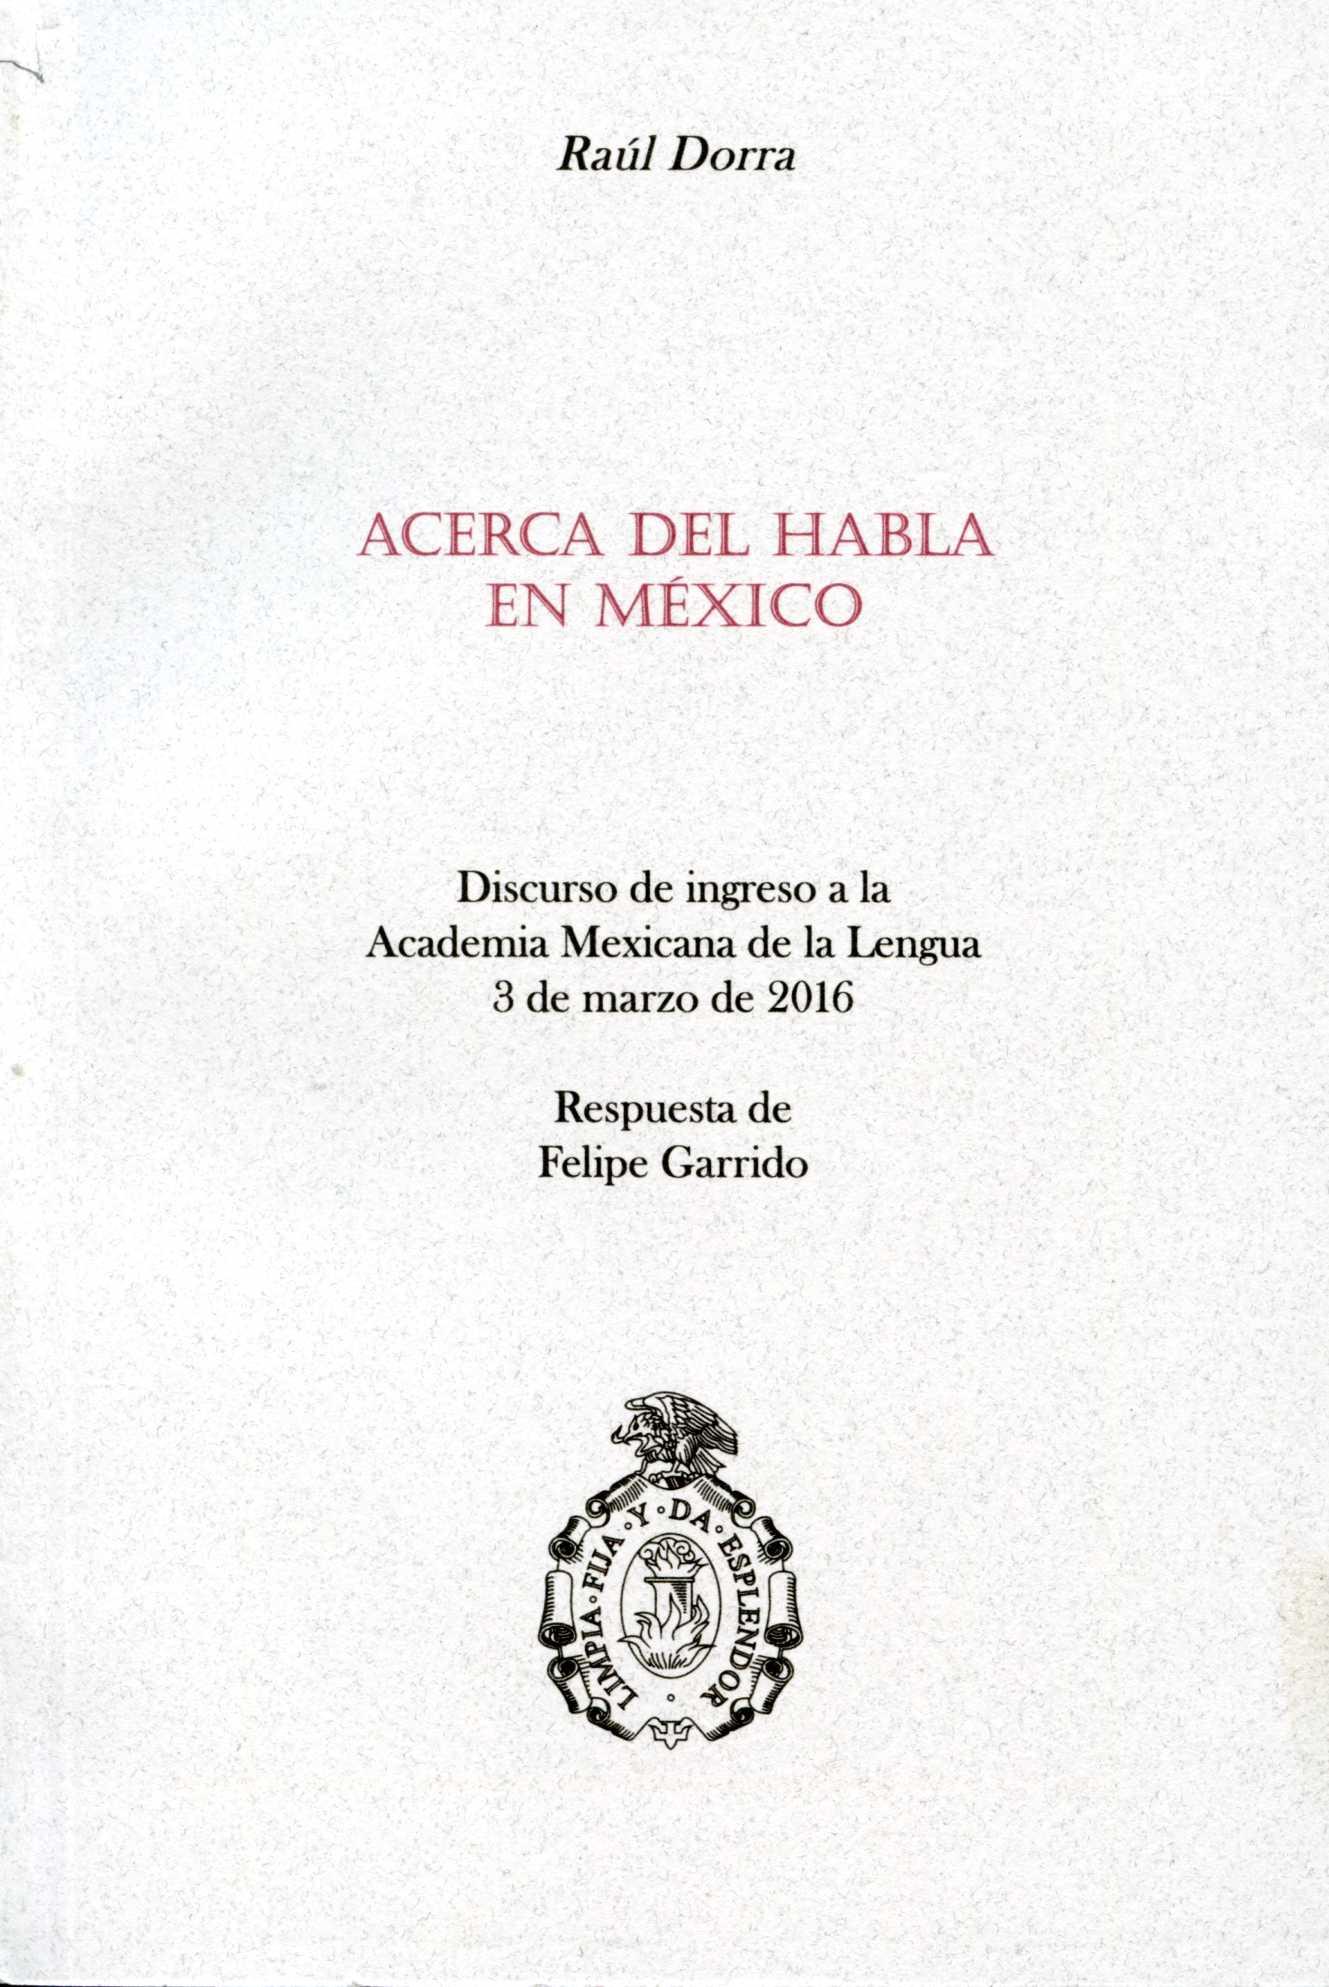 Acerca del habla en México: discurso de ingreso a la Academia Mexicana de la Lengua, 3 de marzo de 2016